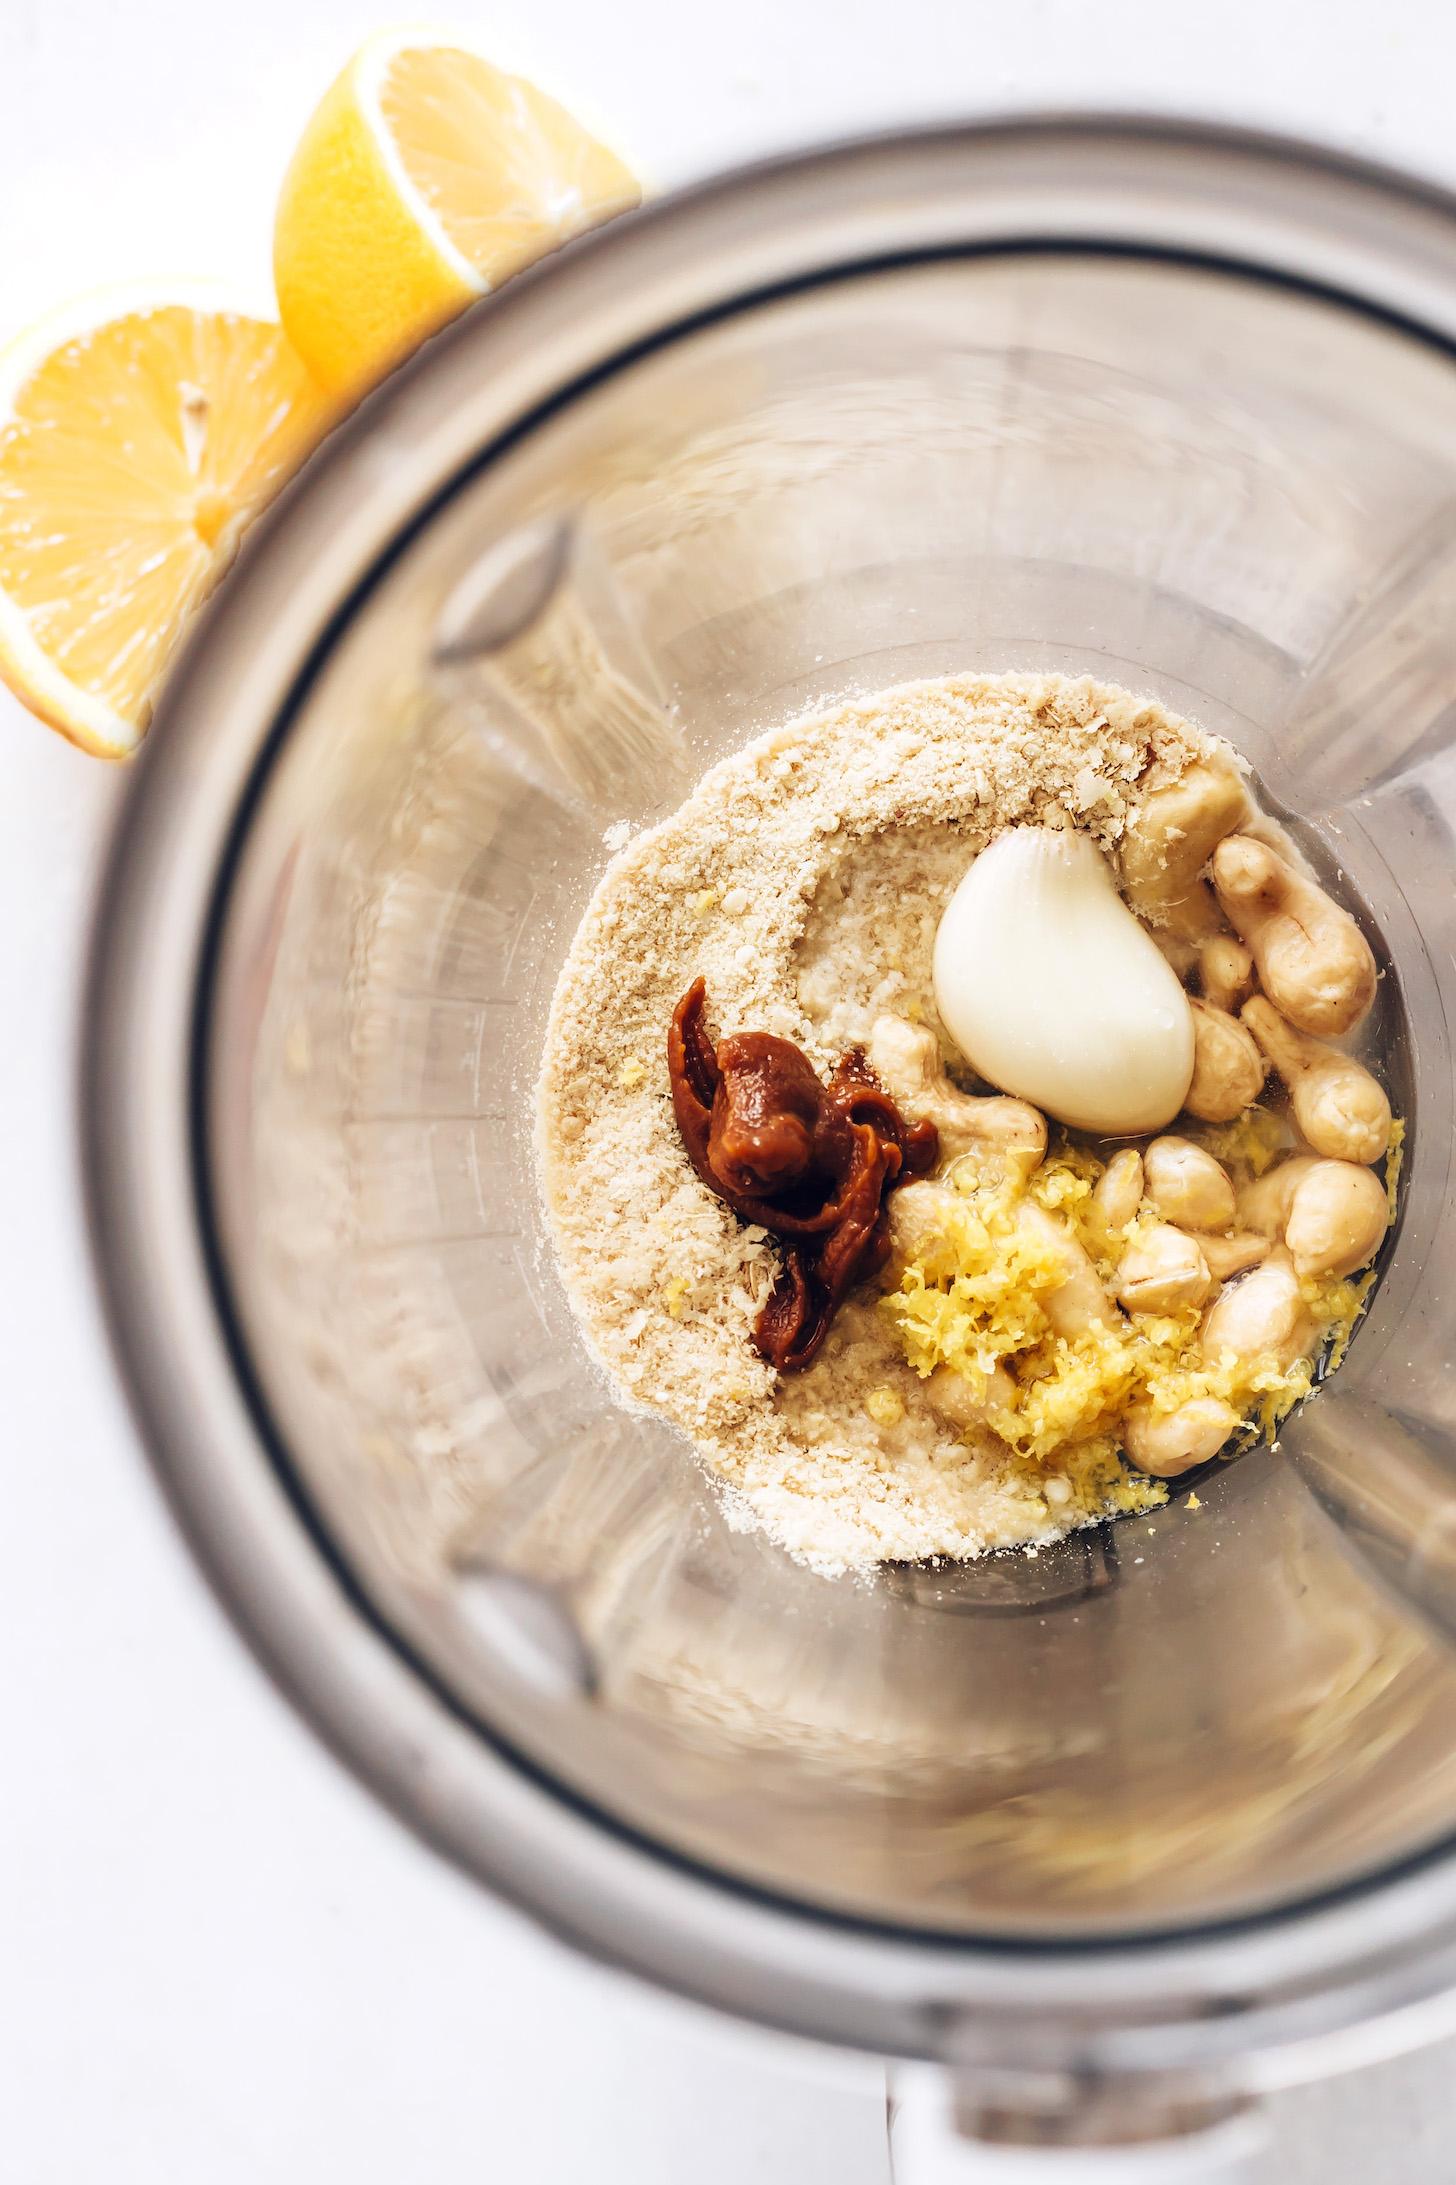 Turmixgép kesudióval, vízzel, citrommal, fokhagymával, misóval, táplálékélesztővel, tengeri sóval, olívaolajjal és vegán parmezán sajttal